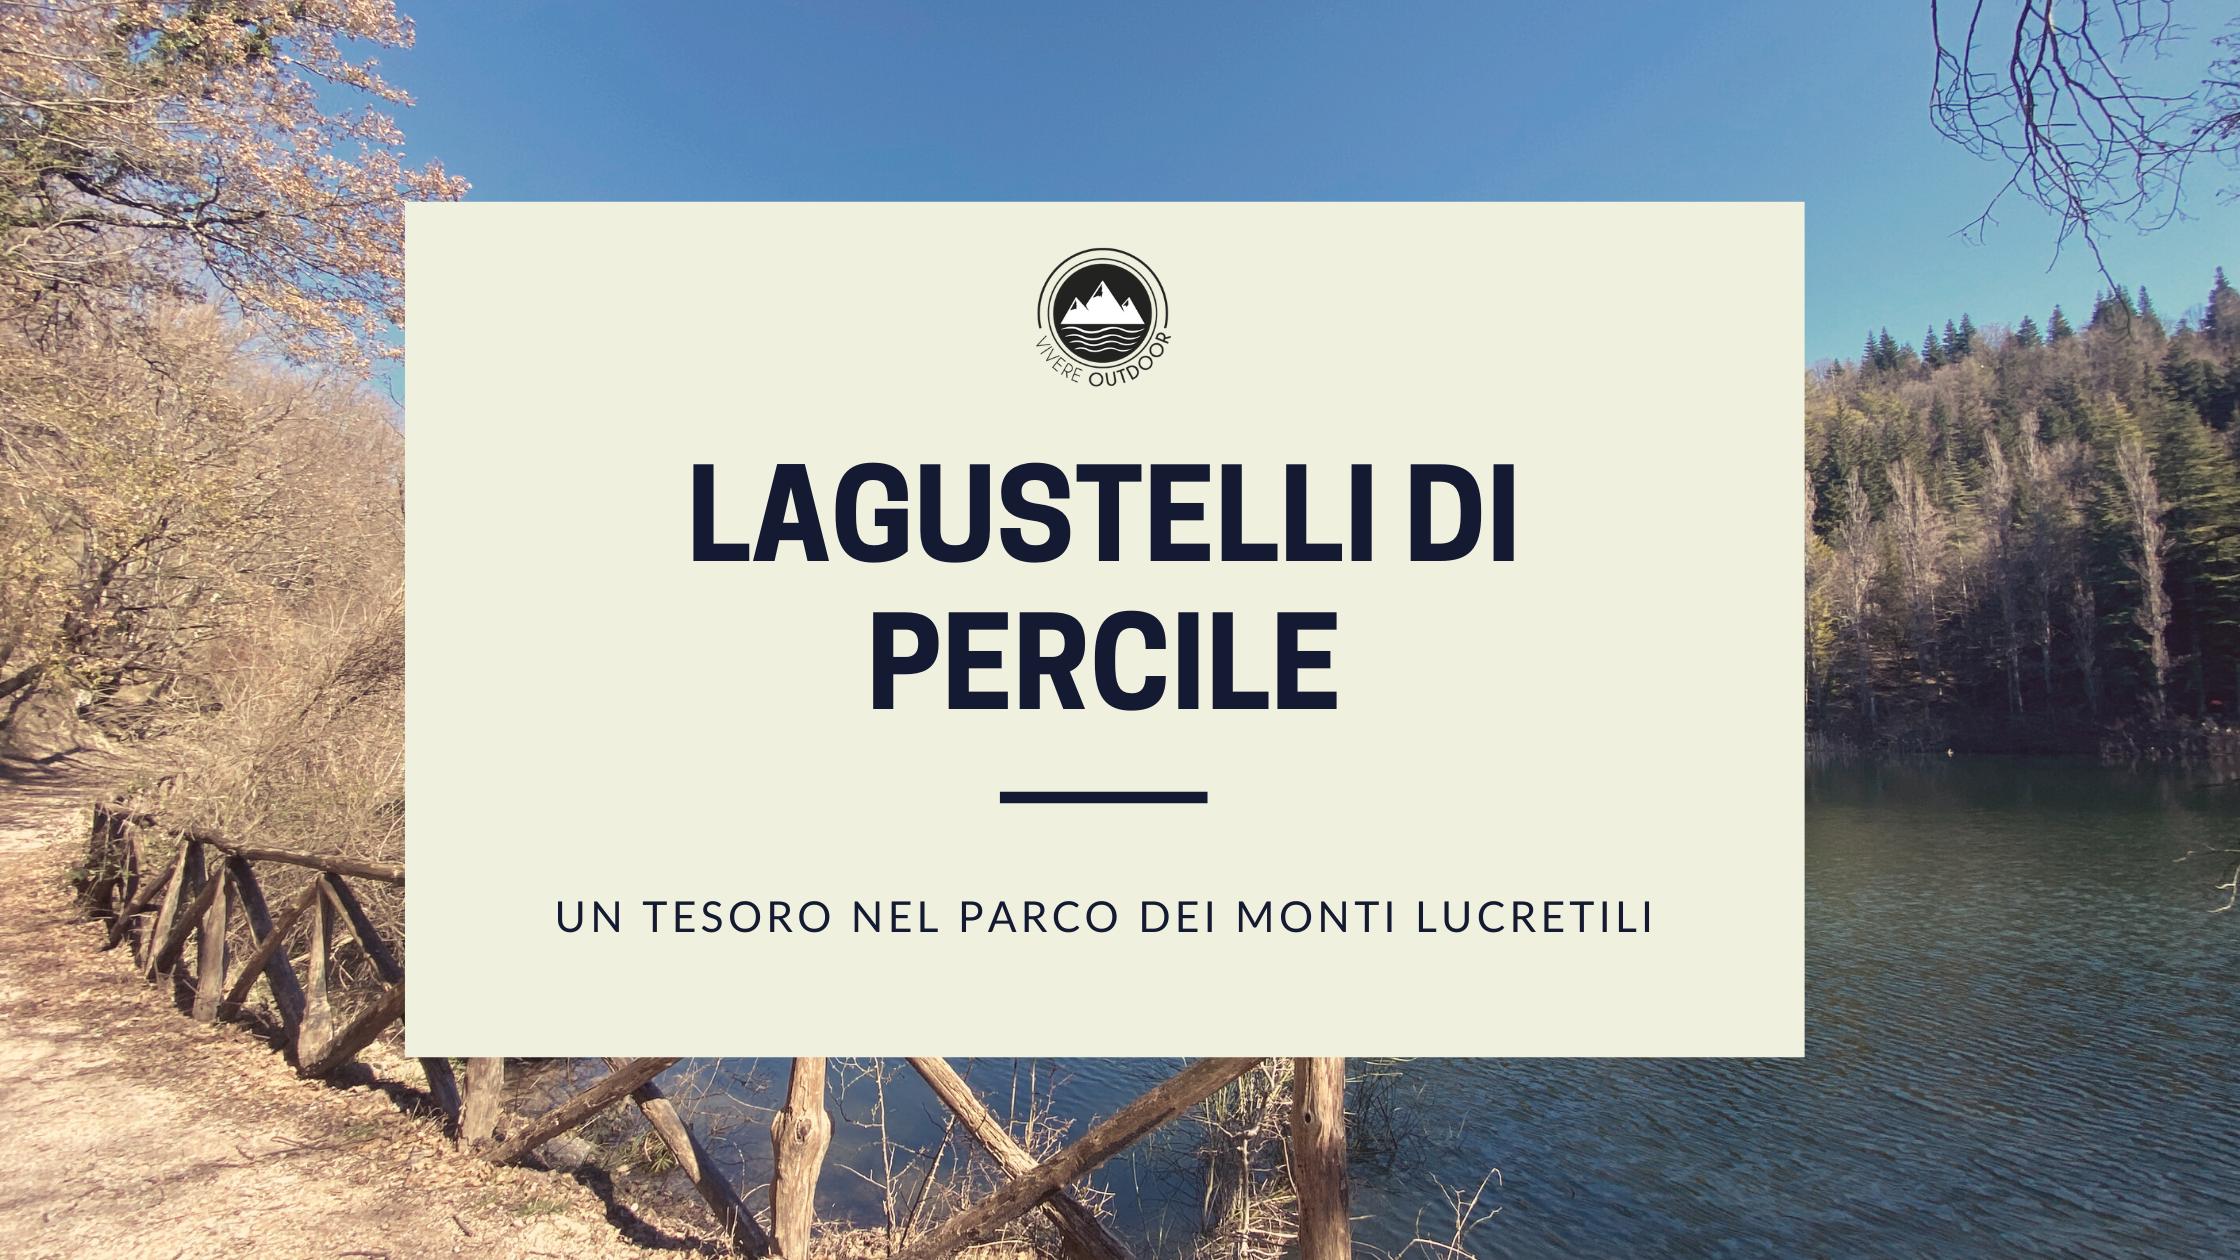 Escursione a 6 zampe ai Lagustelli di Percile